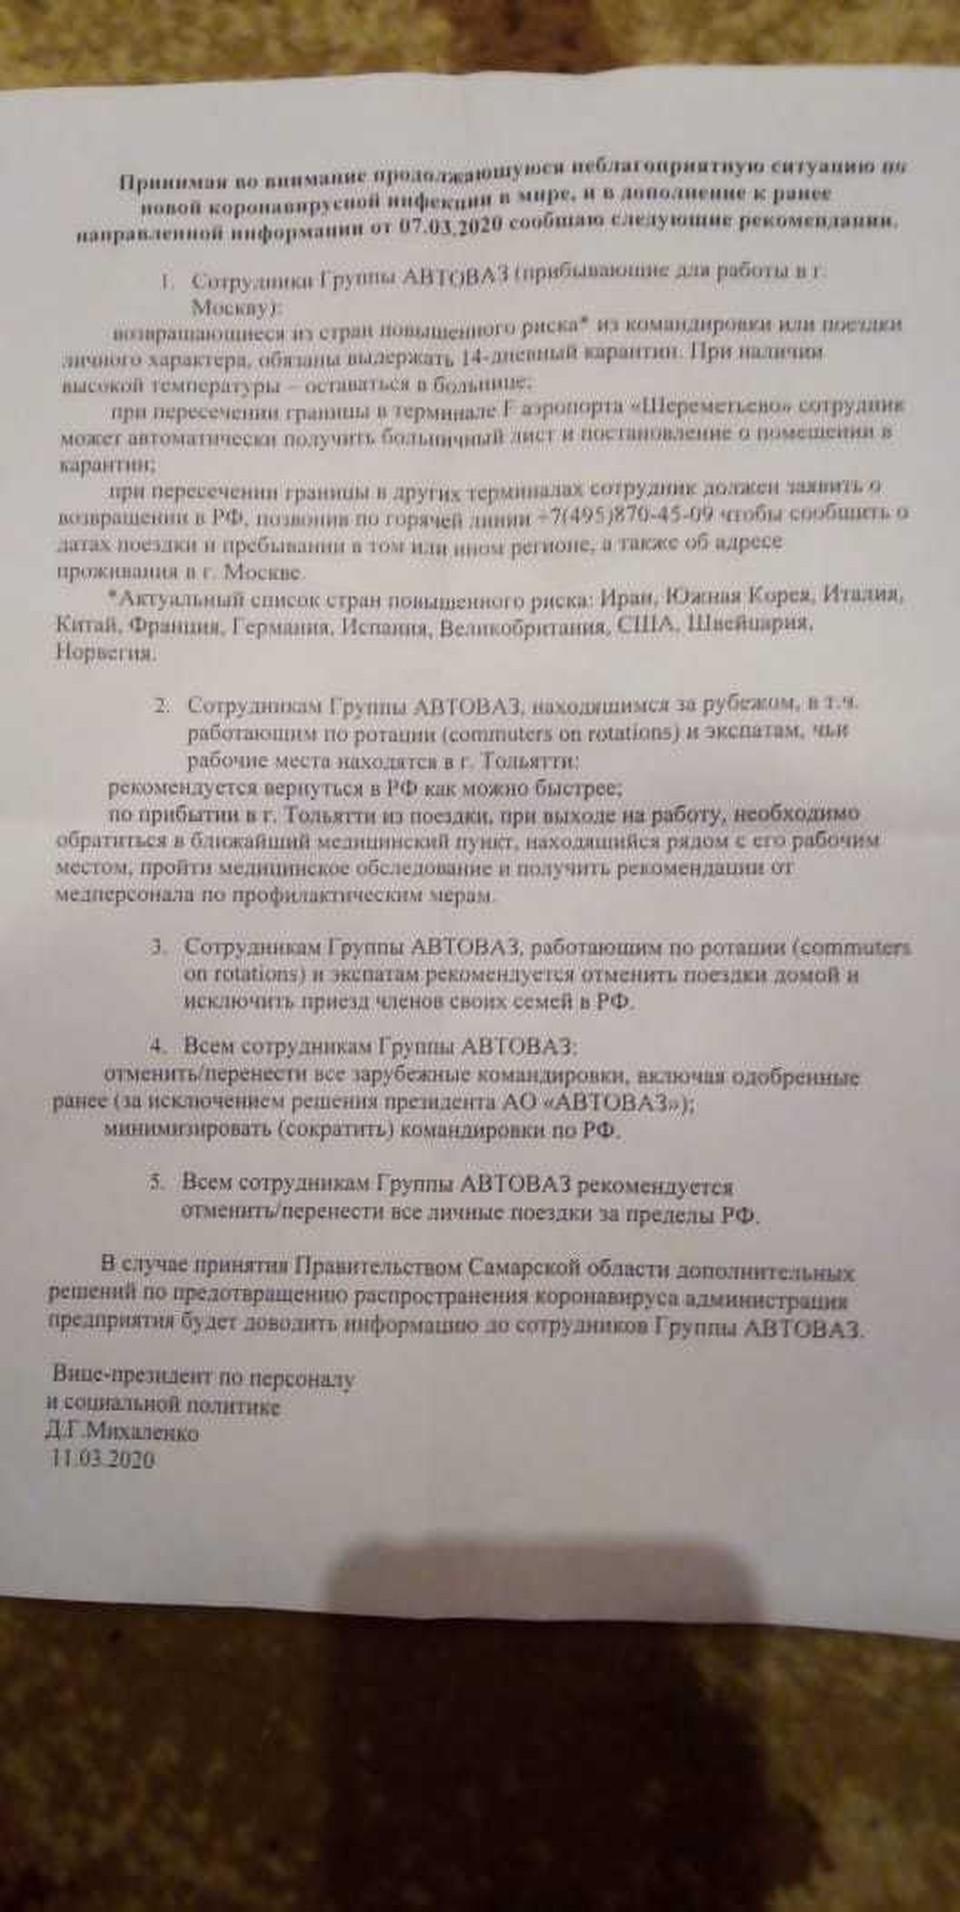 Приказ. Фото: группа Рабочие АВТОВАЗа